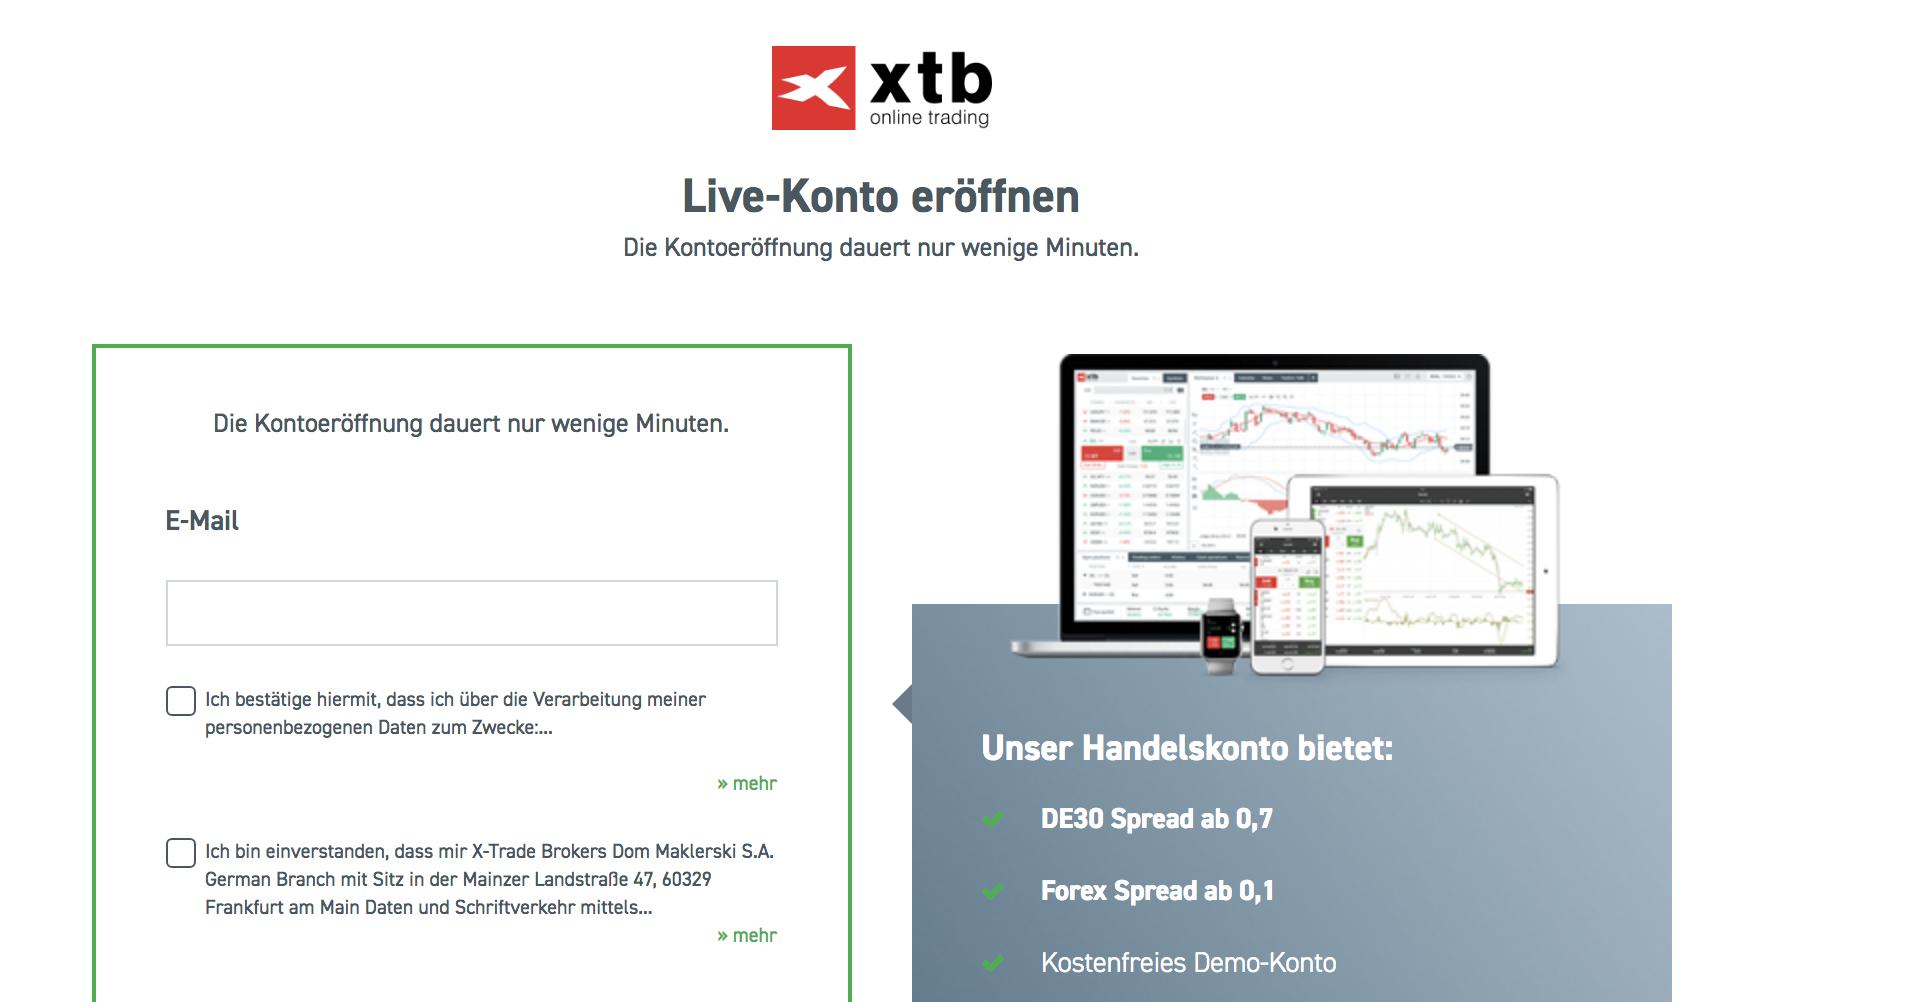 Um bei XTB handeln zu können, müssen Trader und Anleger das Live-Konto eröffnen. Dies nimmt nur wenige Minuten Zeit in Anspruch